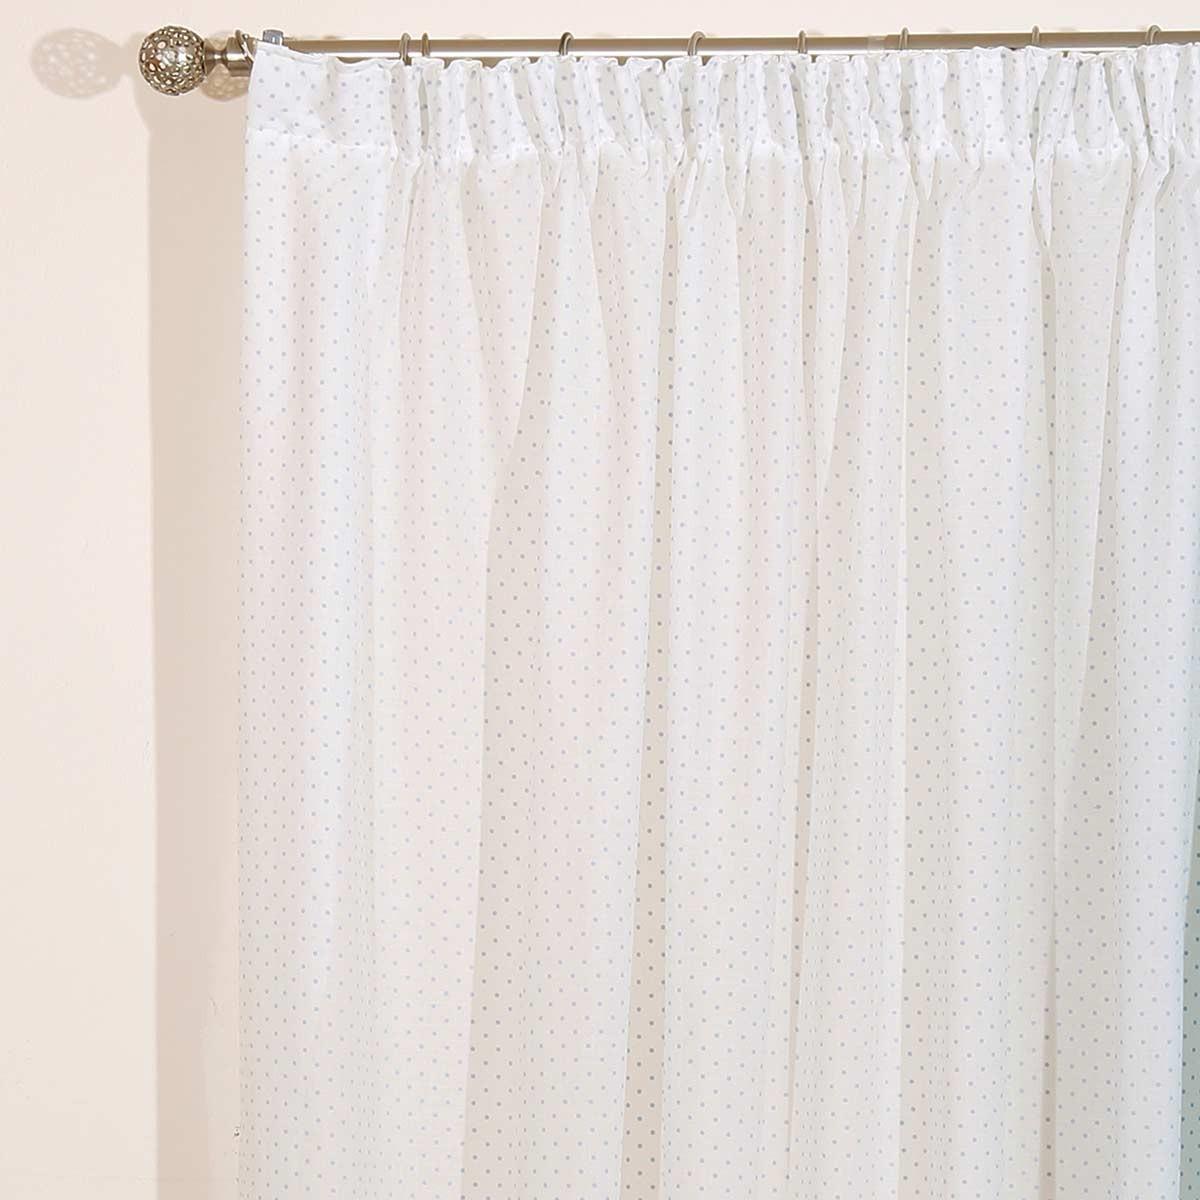 Παιδική Κουρτίνα (160x270) Viopros Curtains Γάζα Πουά Σιέλ